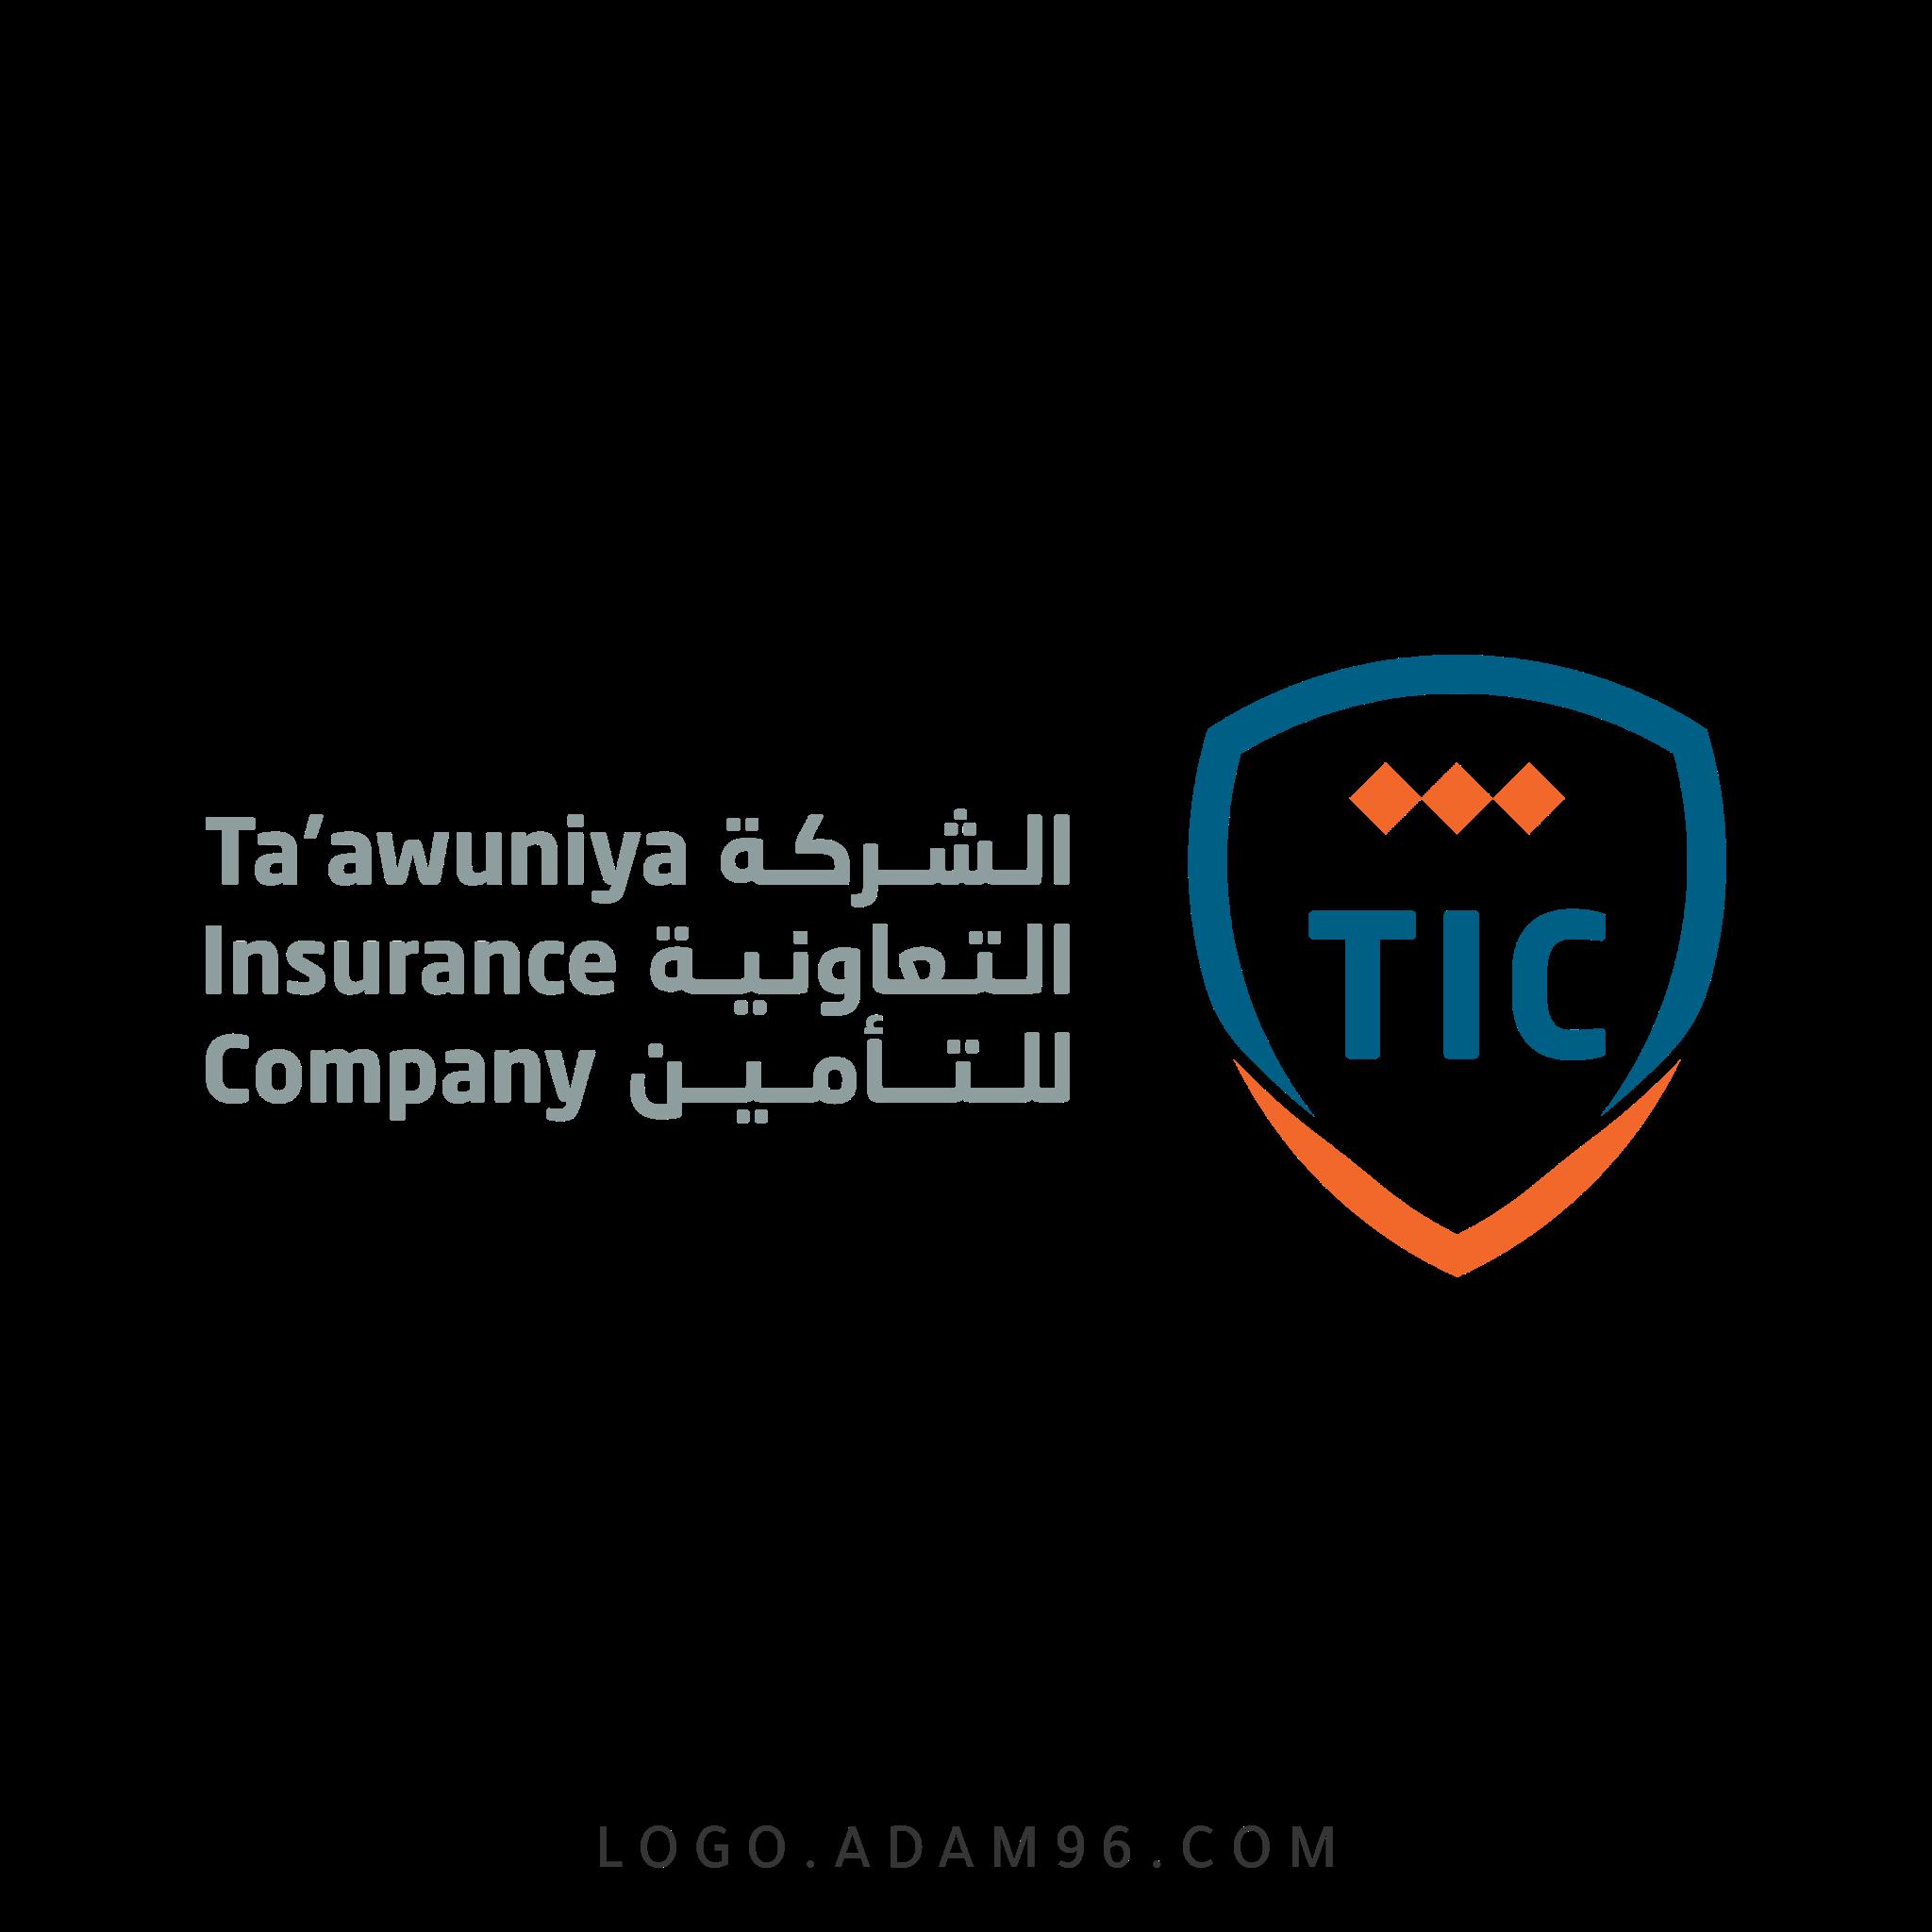 تحميل شعار الشركة التعاونية للتأمين - السودان لوجو رسمي عالي الجودة PNG